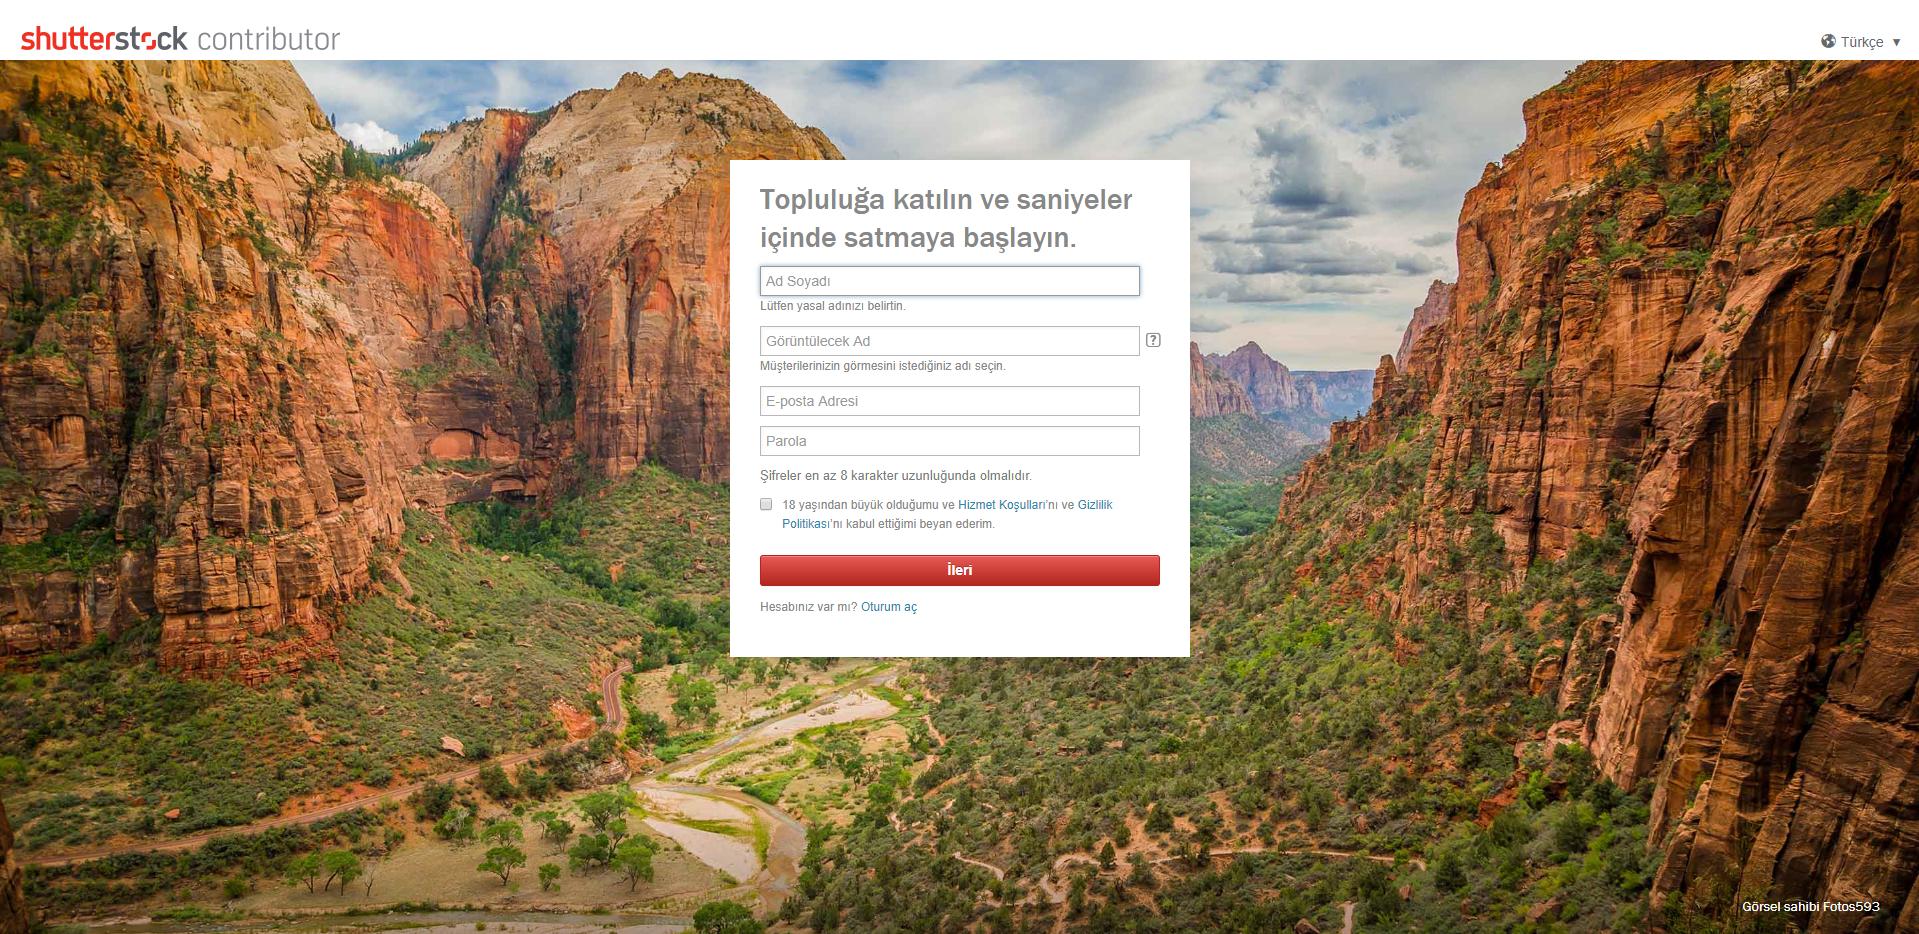 Shutterstock Contributor Hesabı Oluşturma